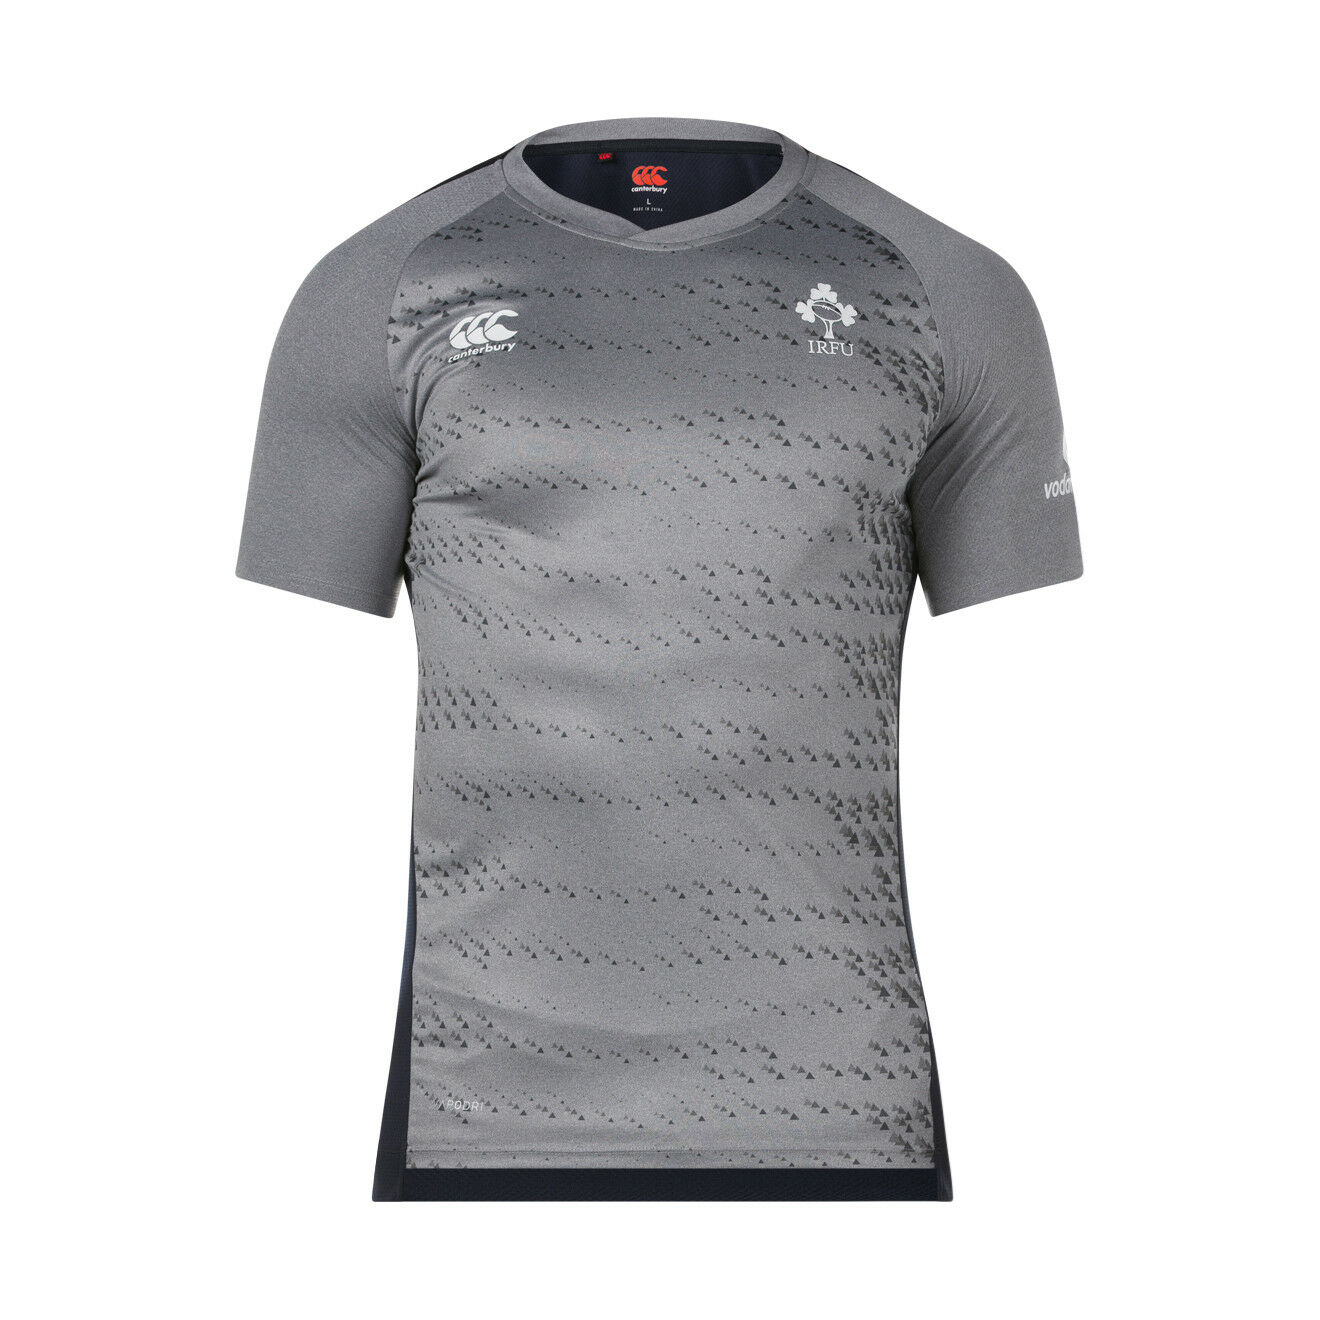 af983809dc6 Canterbury Gym Tee - Marl IRFU (2018-2019) Rugby Ireland nvcnha3113 ...